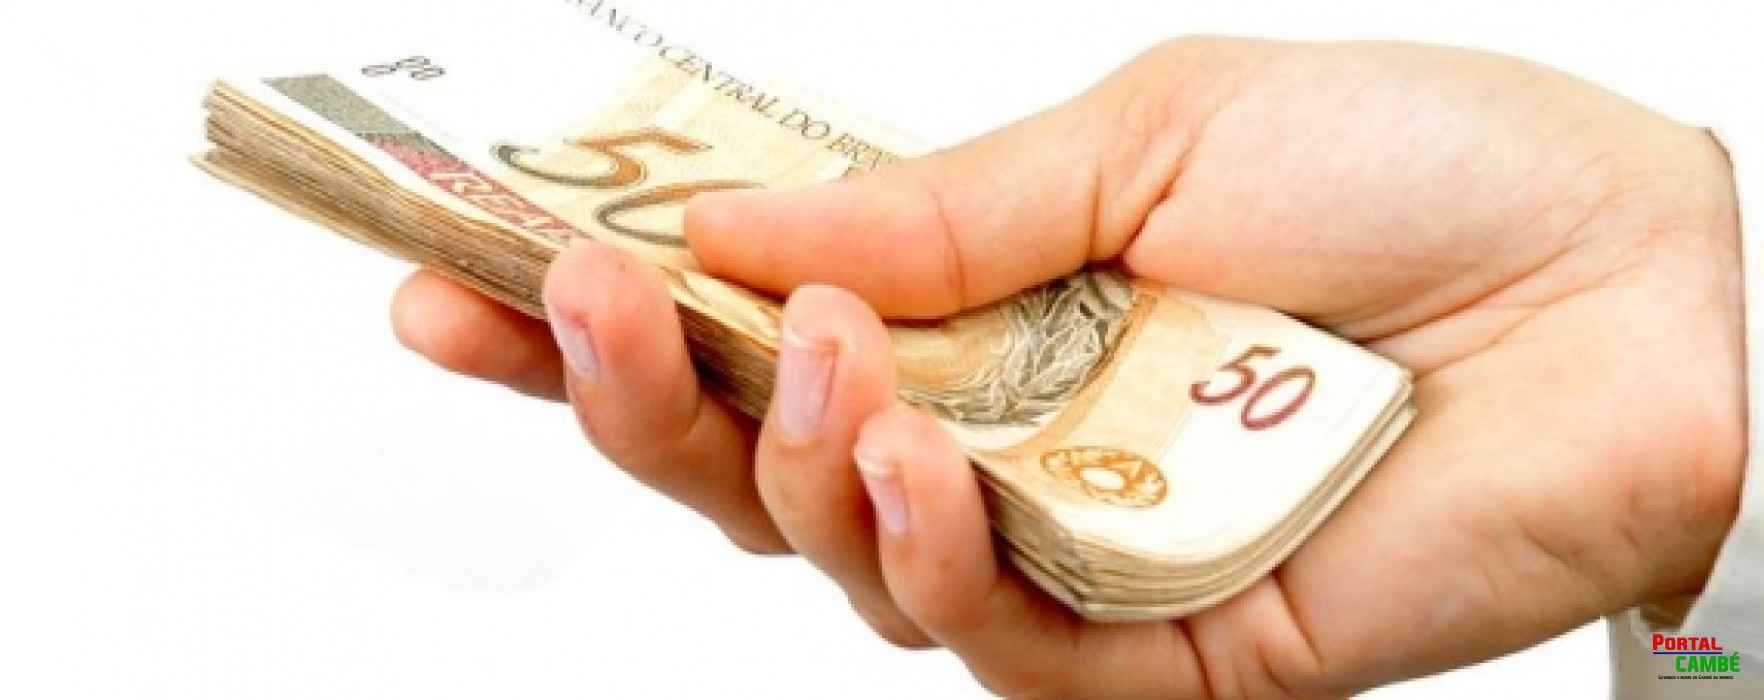 Saques da poupança em julho superam depósitos em R$ 2,453 bilhões